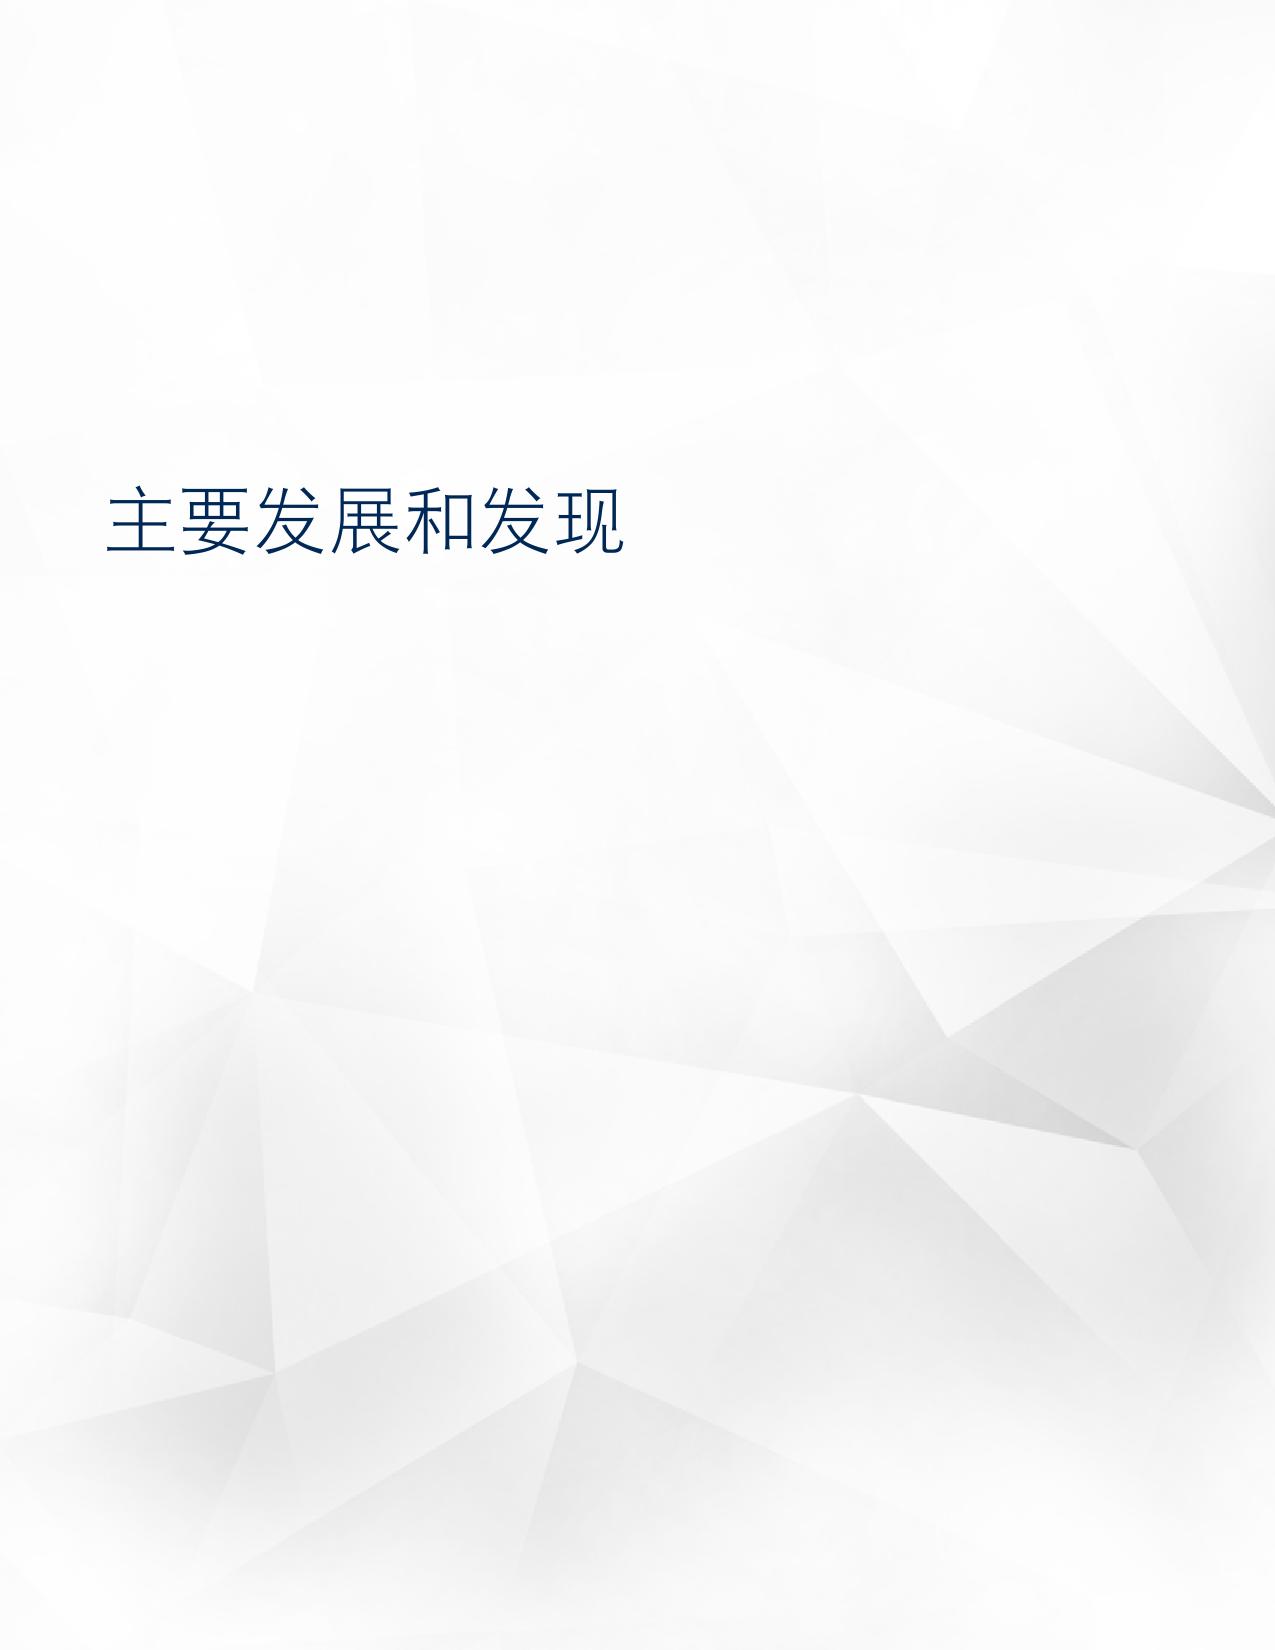 2016年中网络安全报告_000004